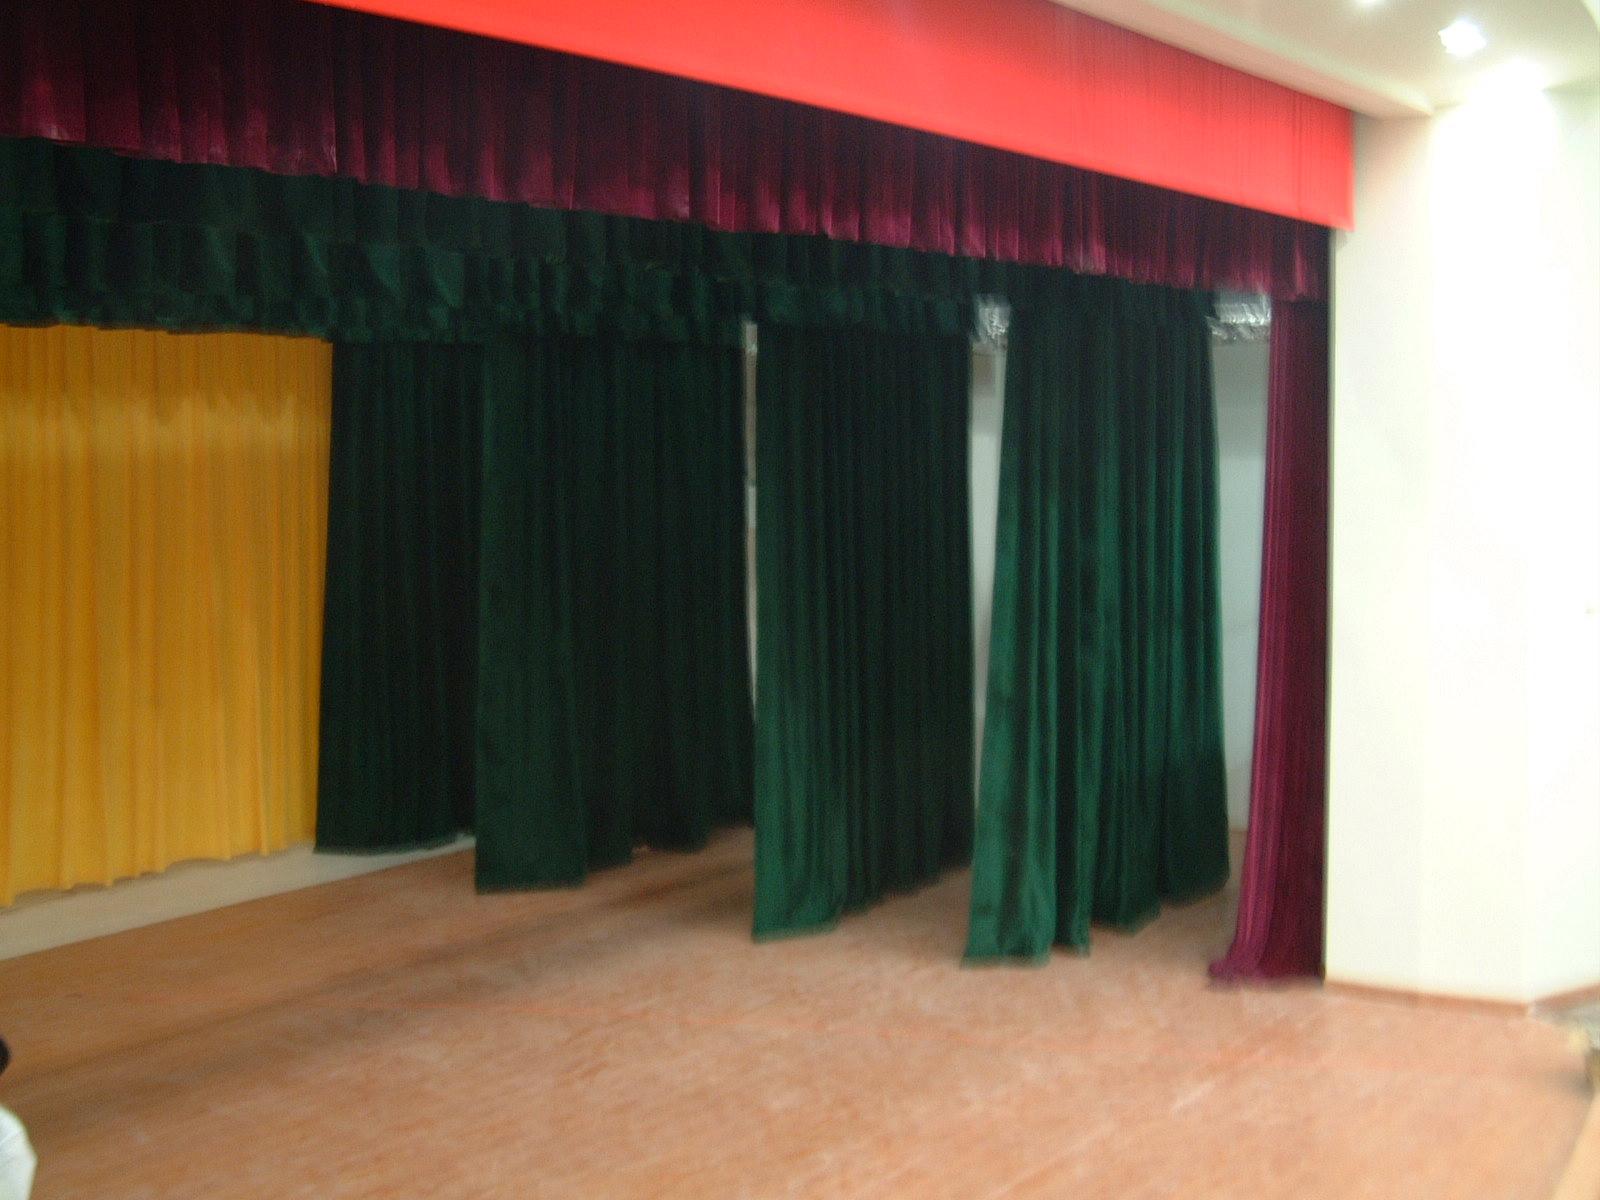 舞台幕图片